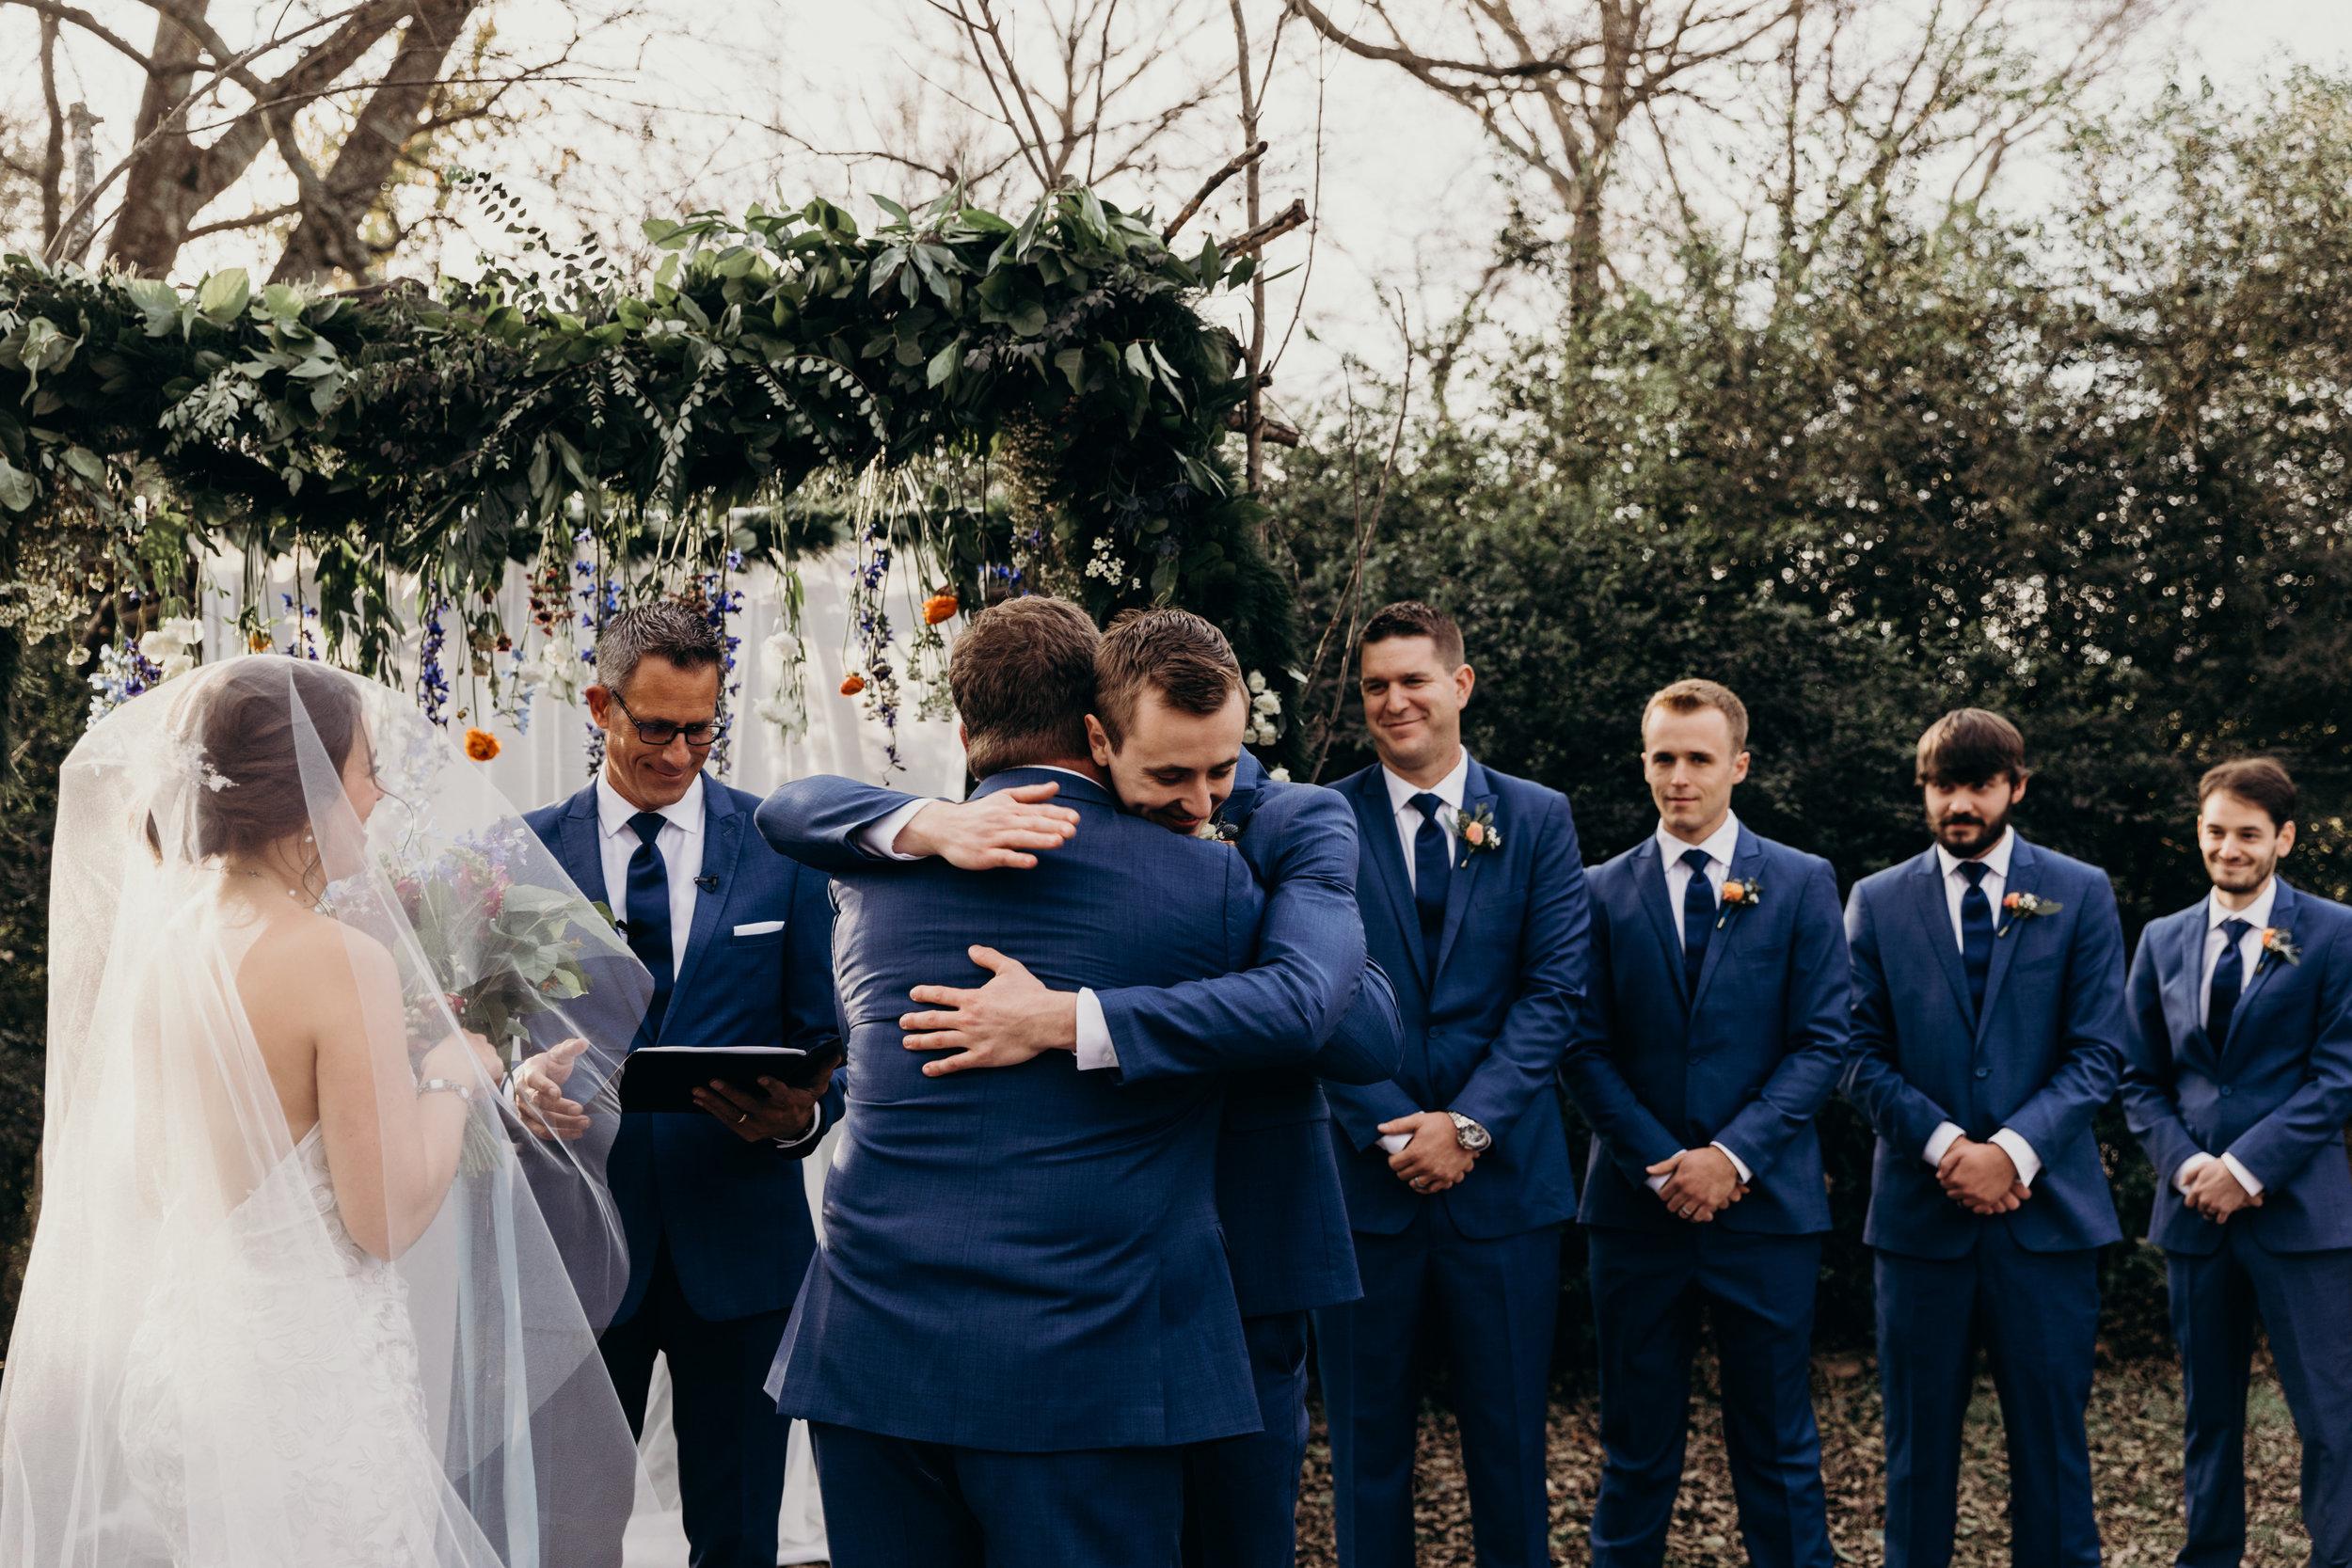 471-ltw-morgan-adam-wedding.jpg